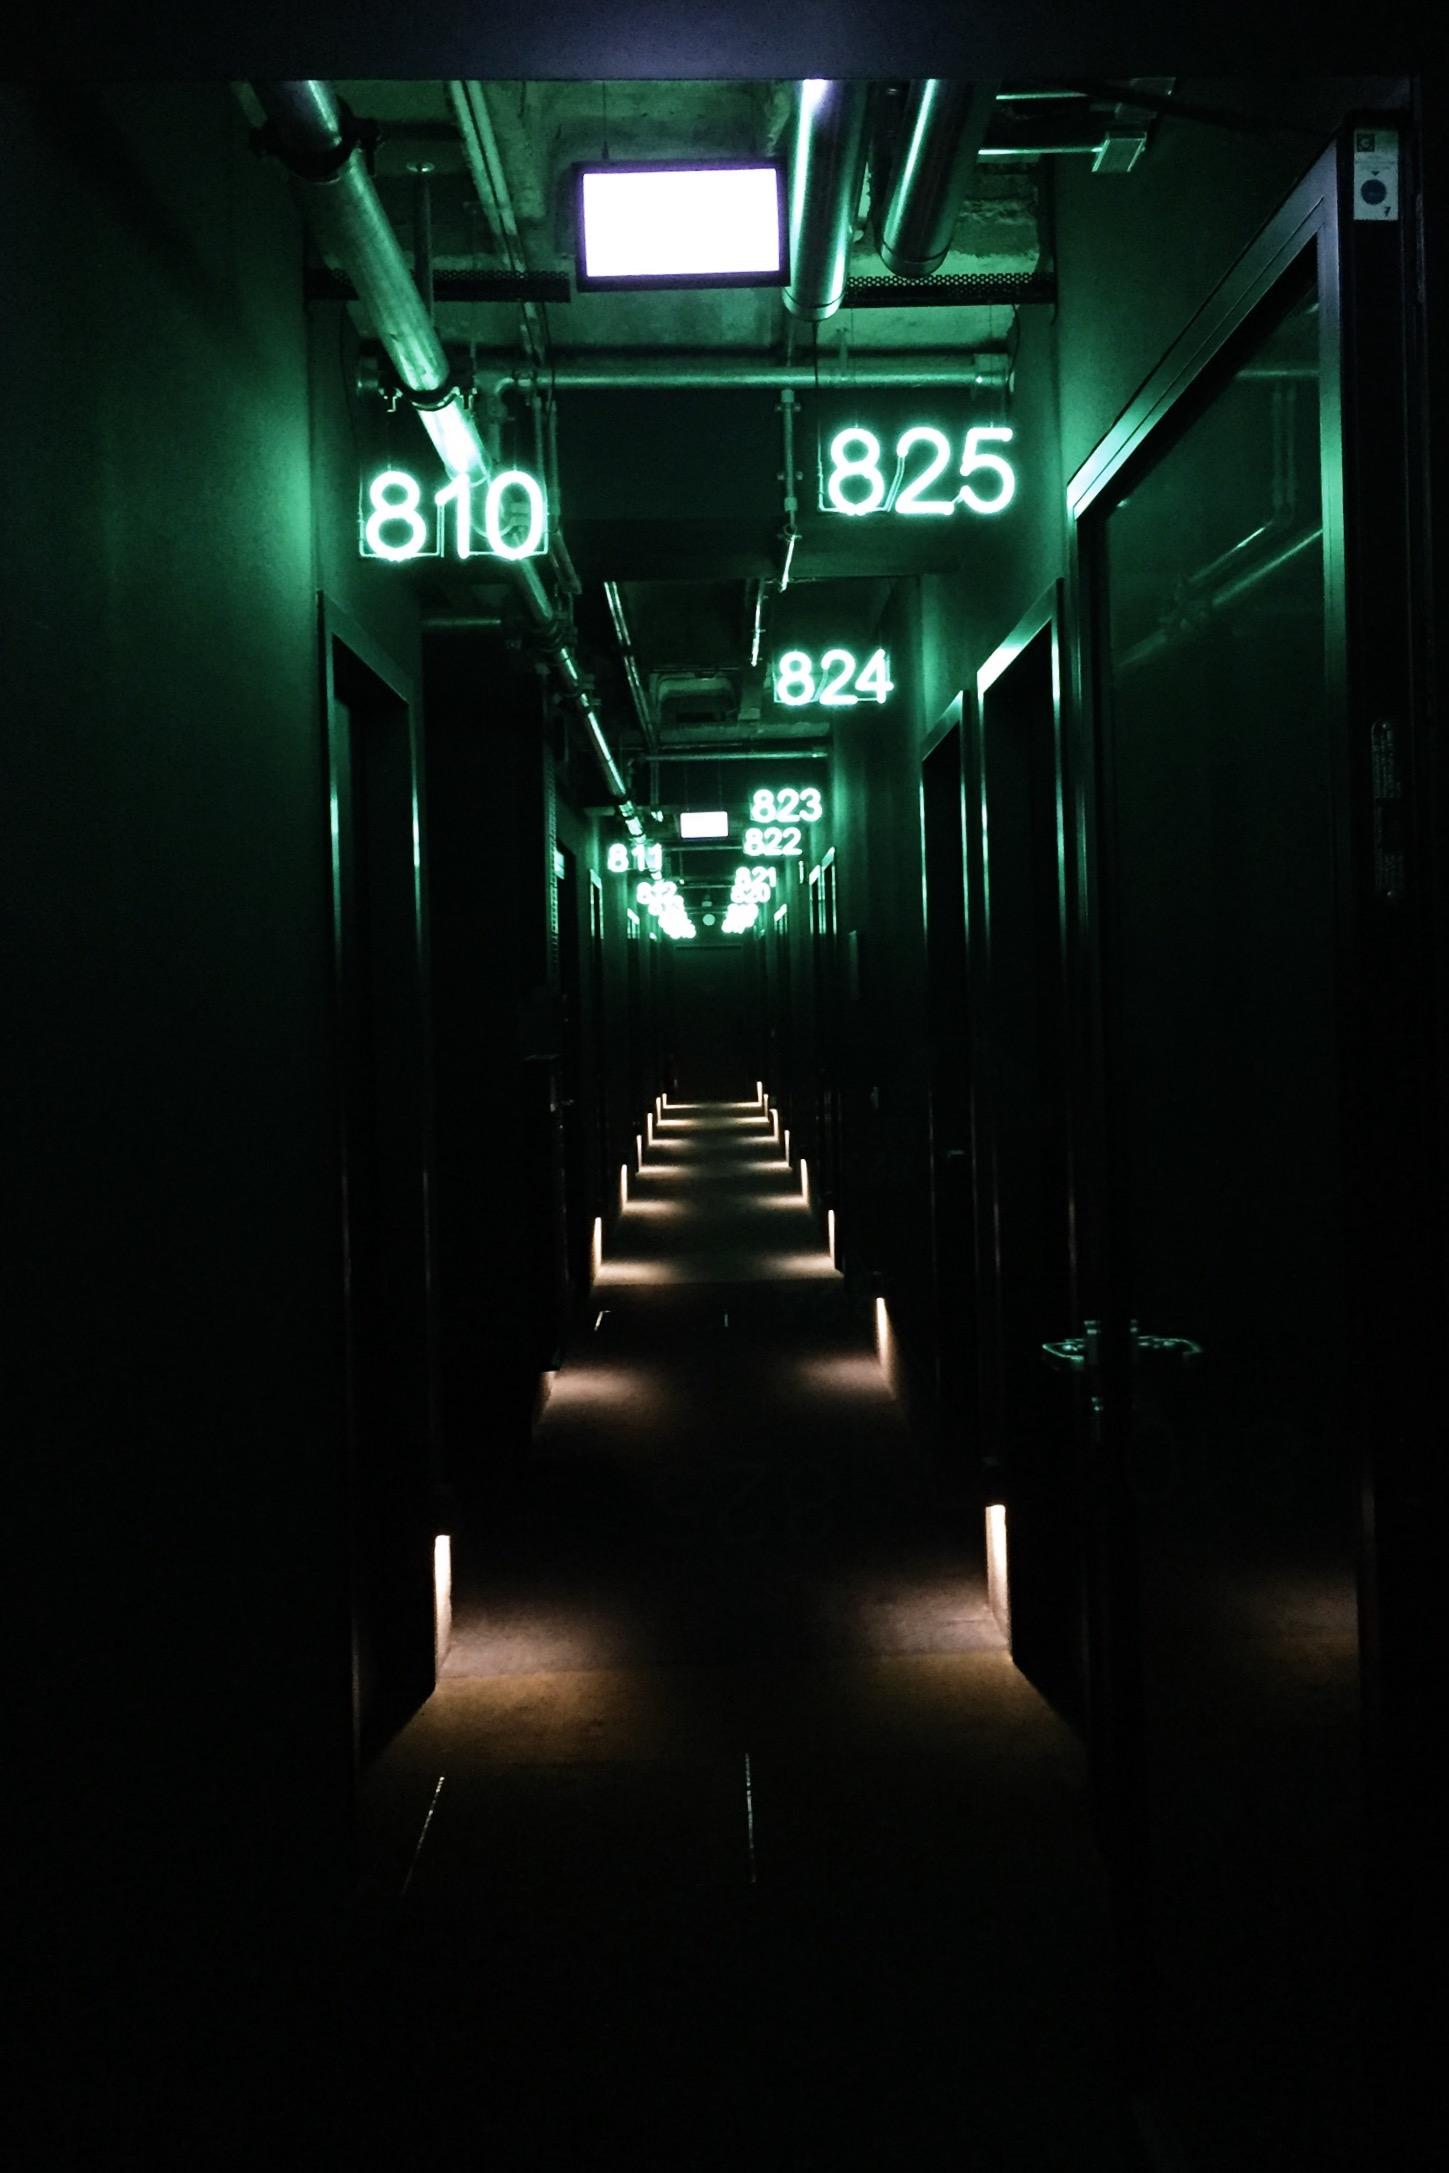 25Hours Hotel Berlin Hallway